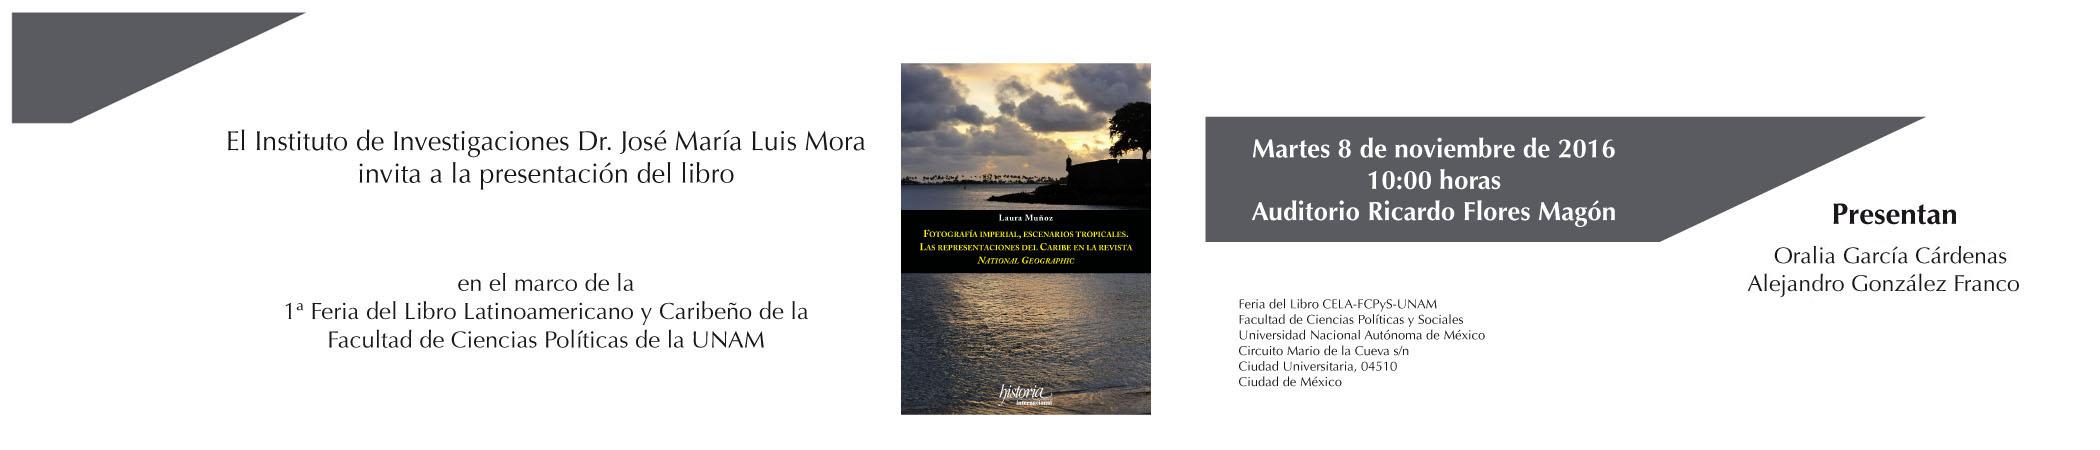 Presentación del libro Fotografía imperial, escenarios tropicales